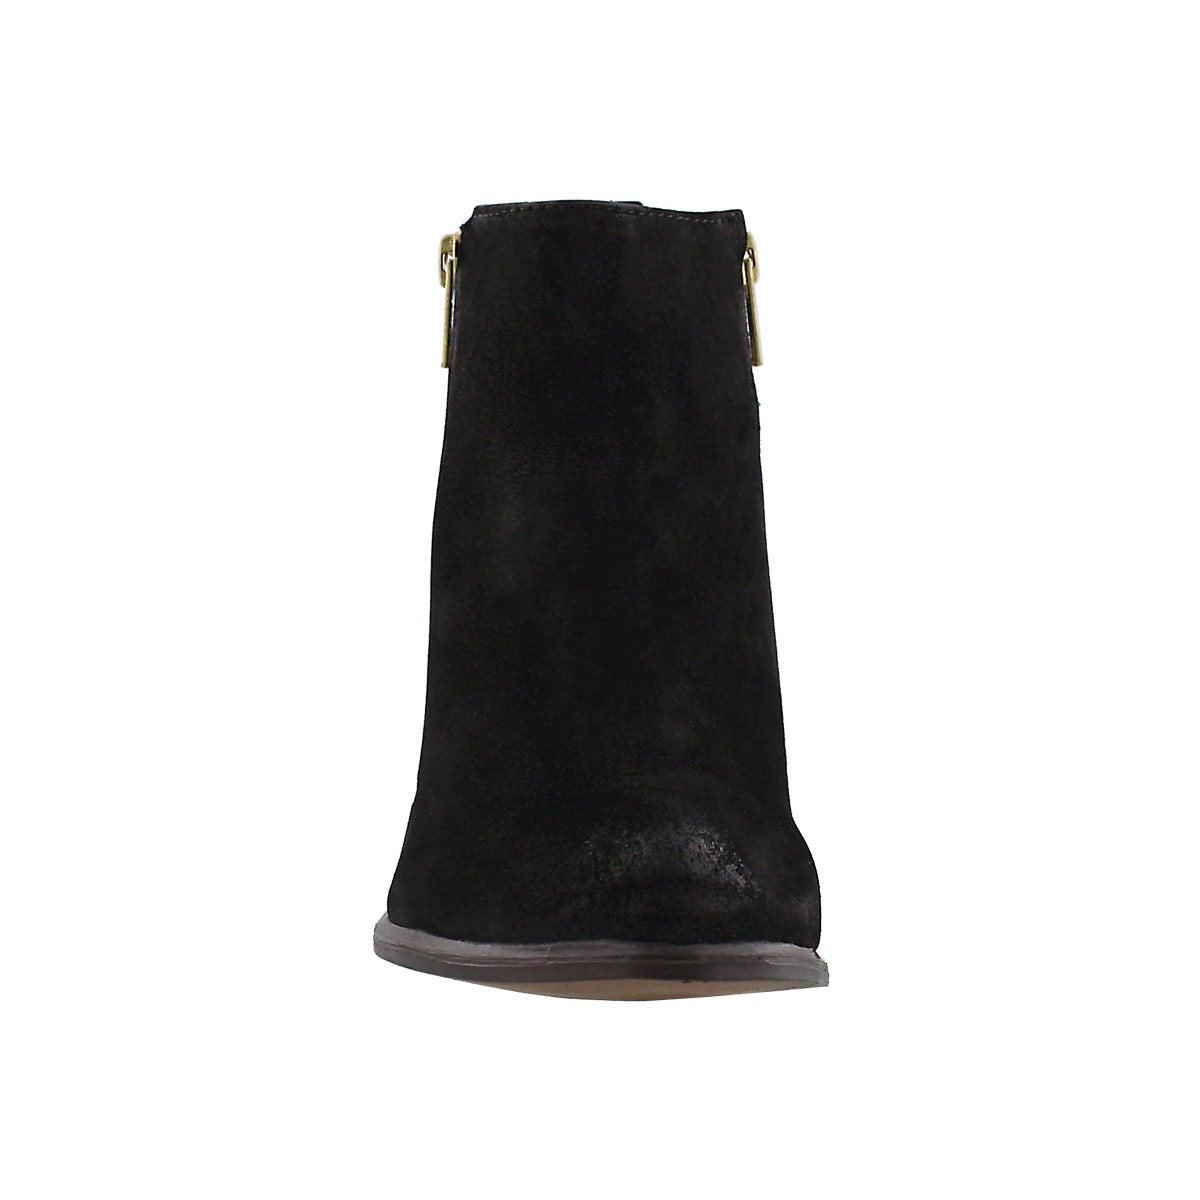 Lds Neovista blk nbck zip up ankle boot